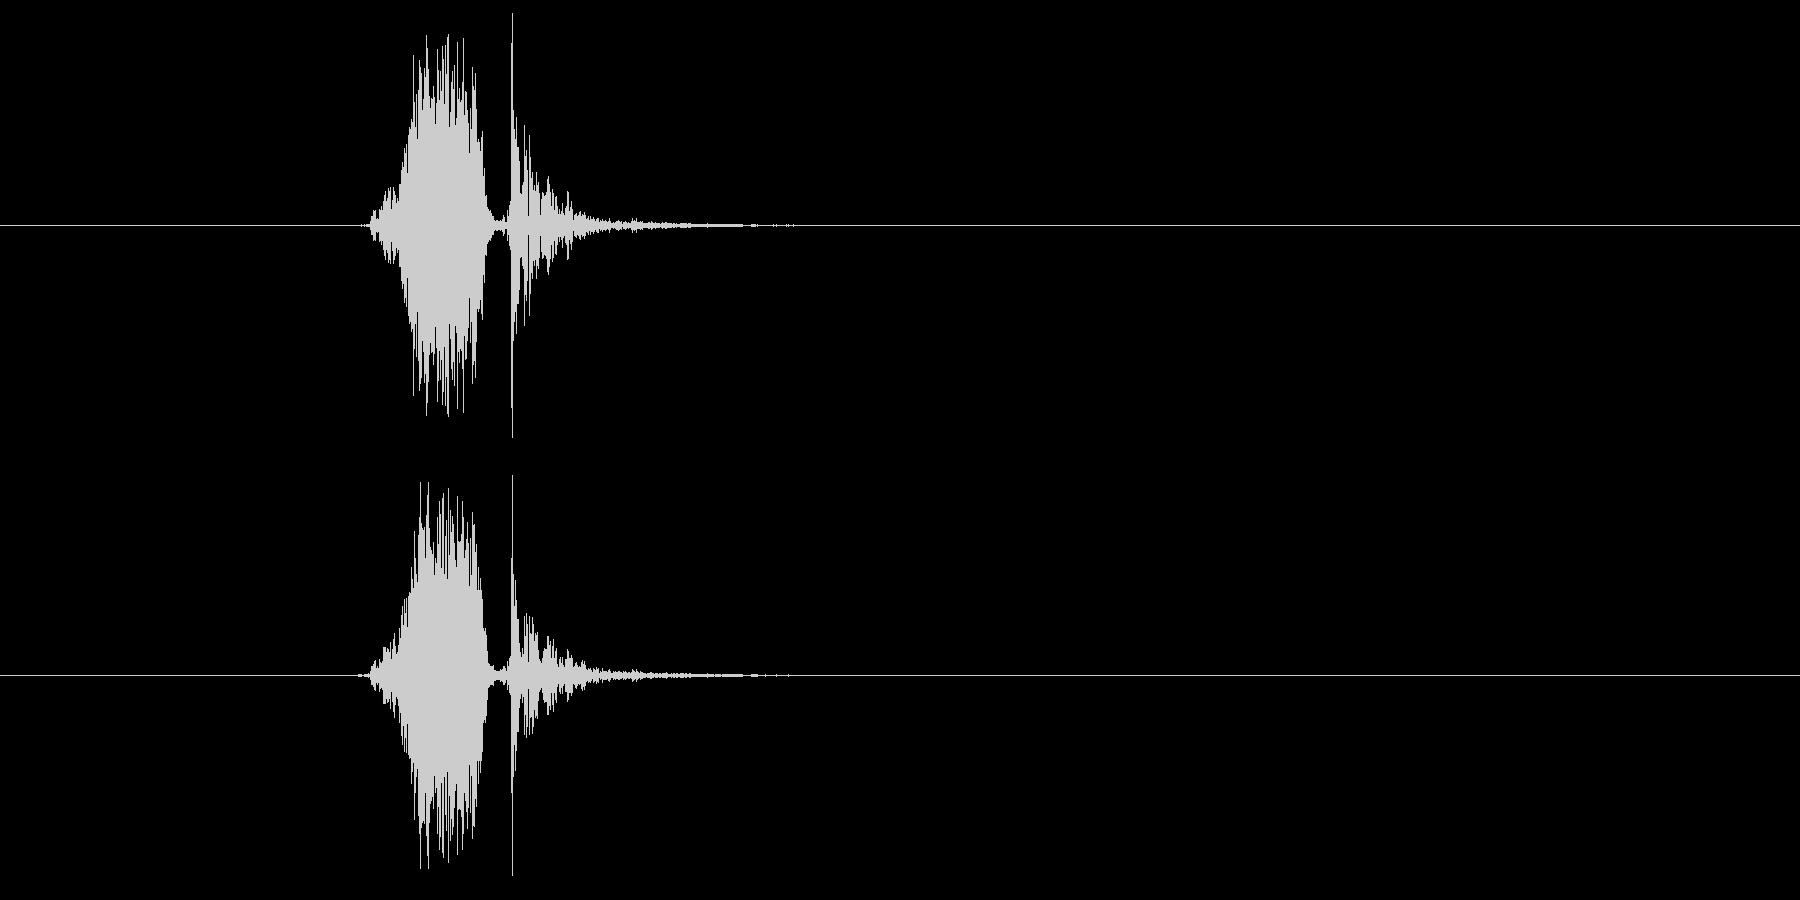 カシュッ(決定音)の未再生の波形